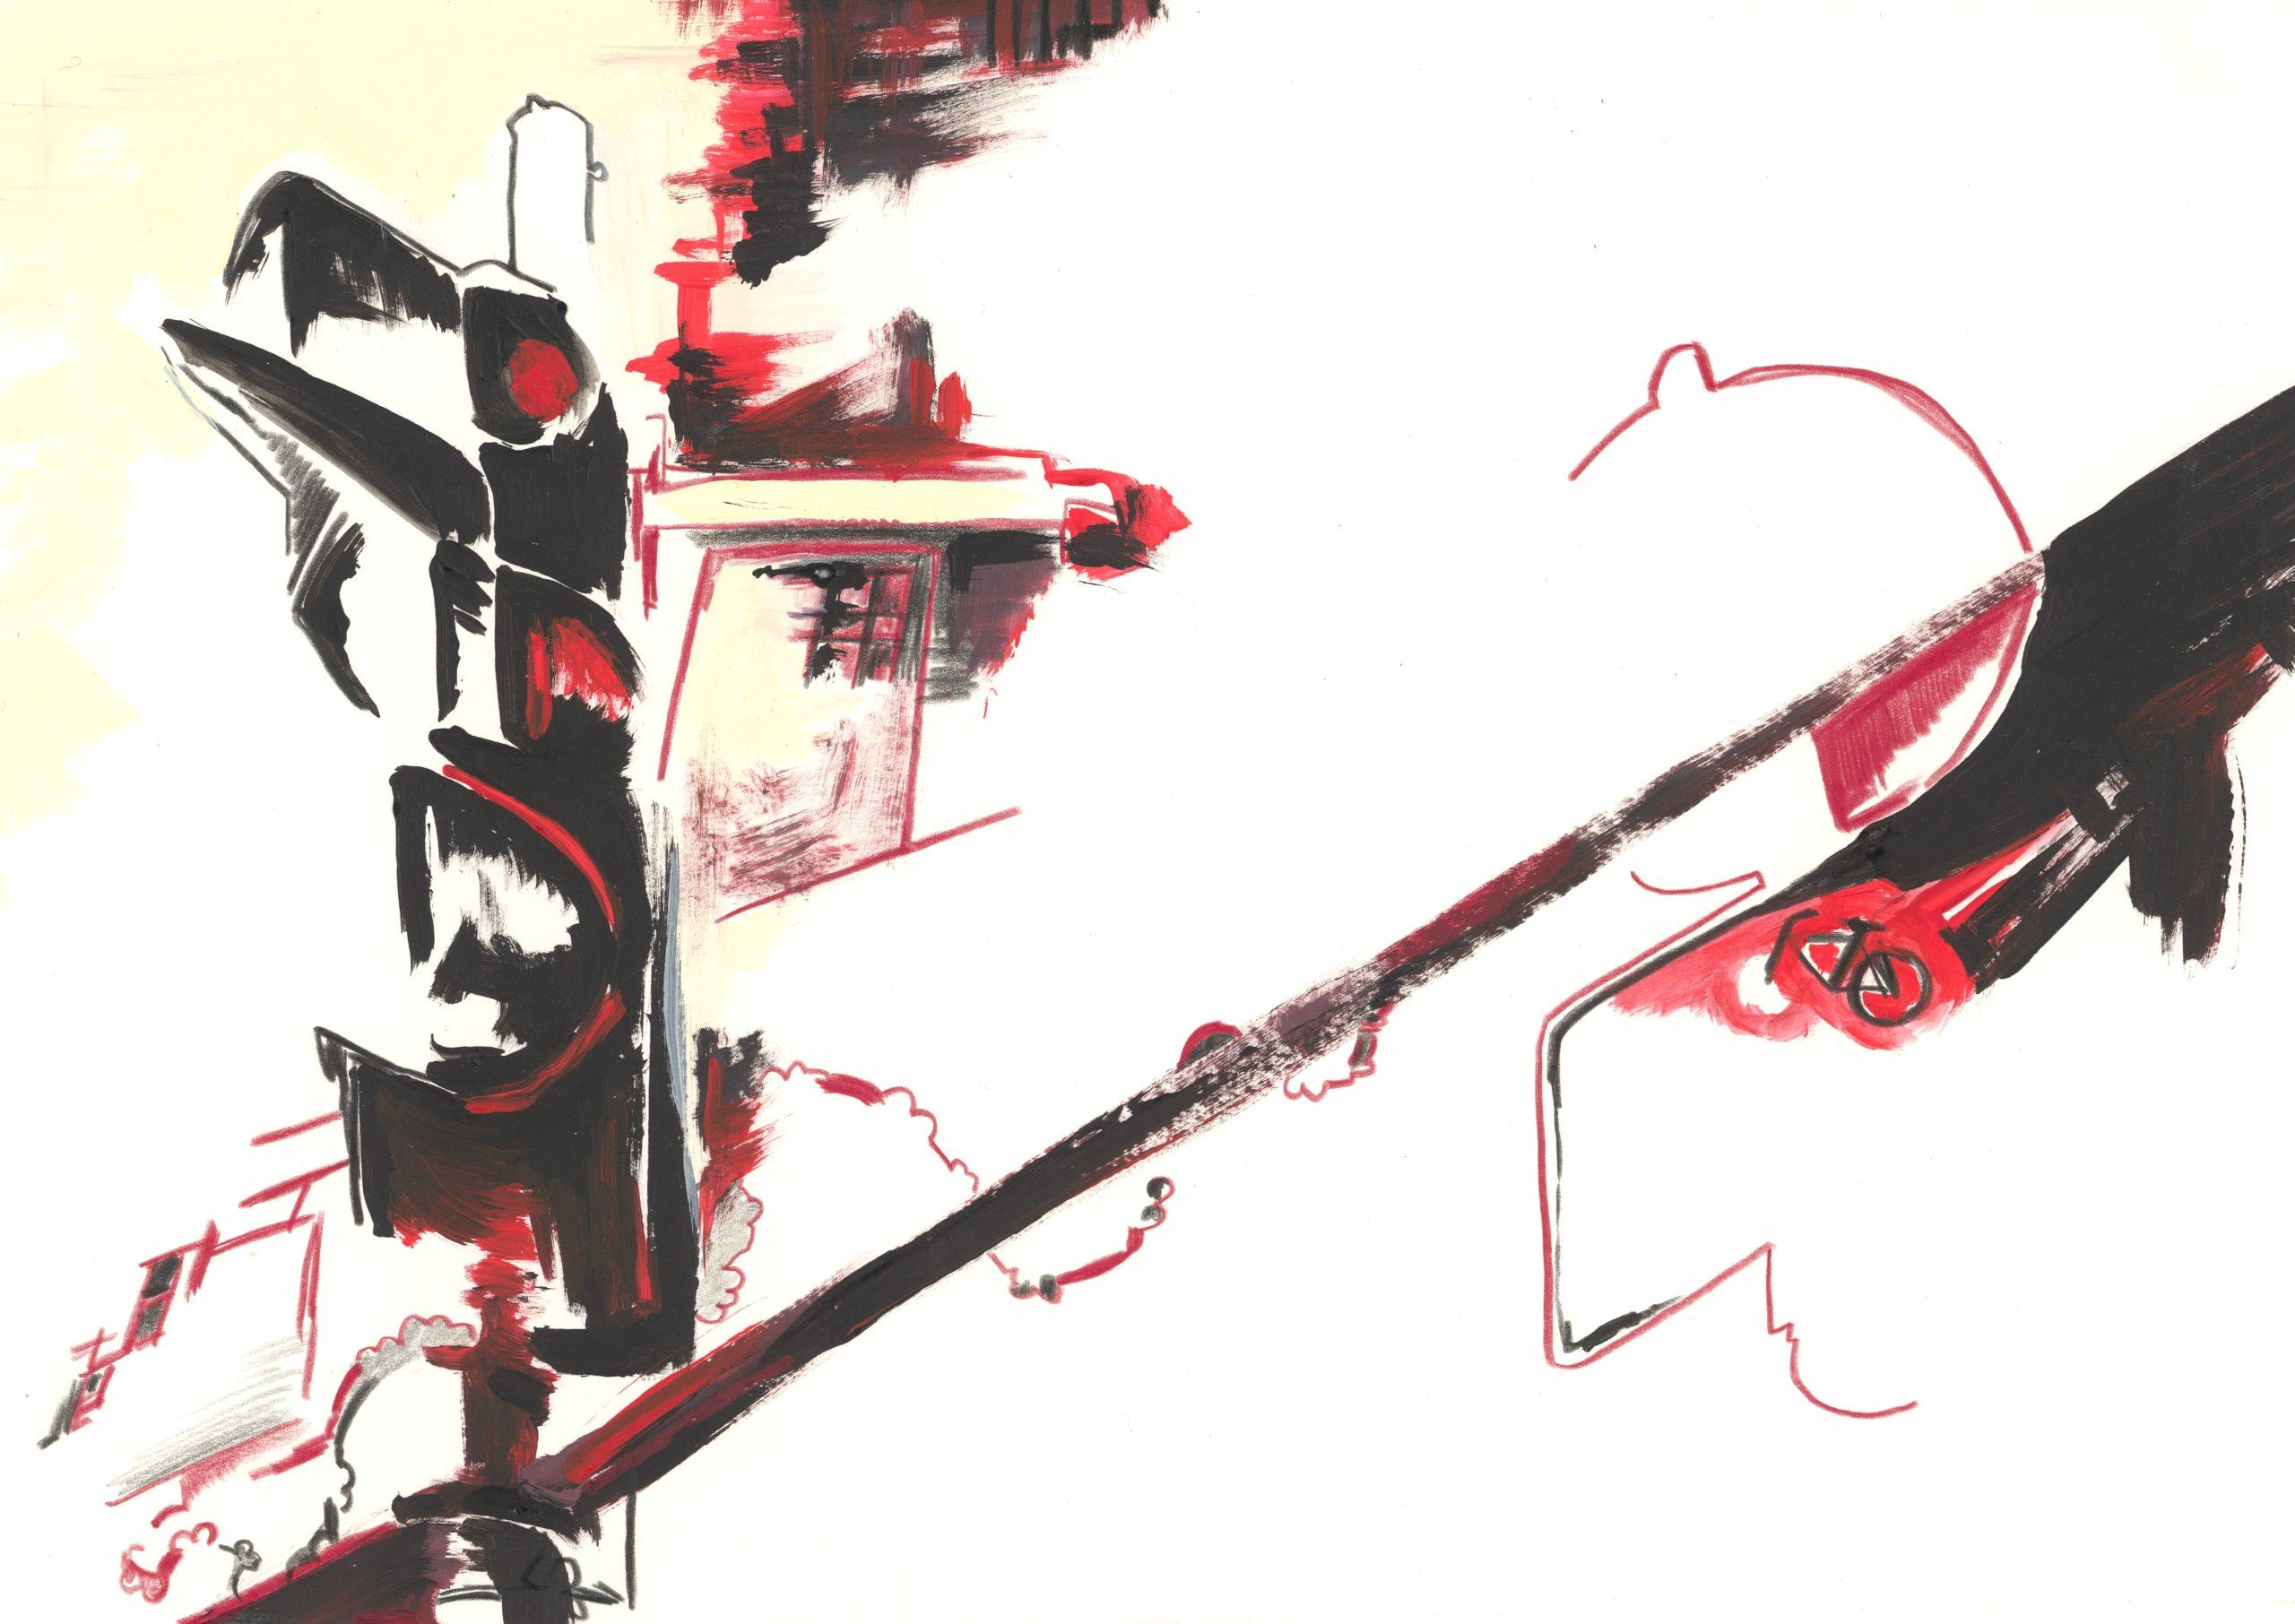 Stadtcorpi 1b, Farbstift (Polychromo) und Acryl auf Papier, 2019 by Melissa Hermann